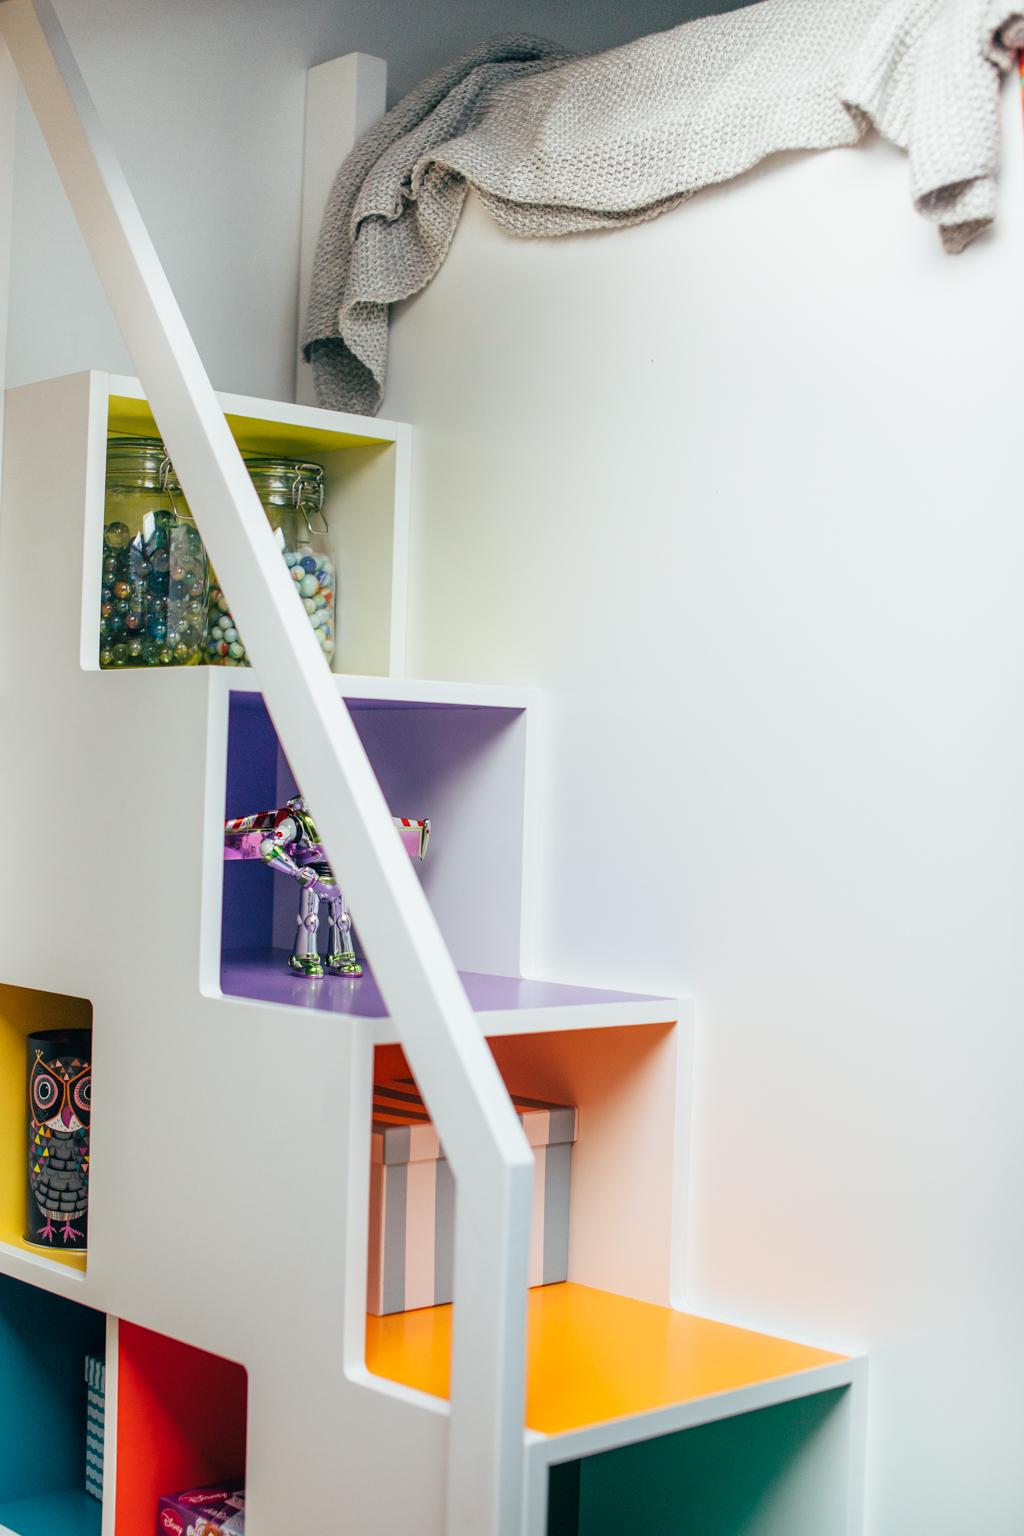 Trappen opp til sengen har masse plass til oppbevaring av leker. Dessuten er den malt i morsomme farger.